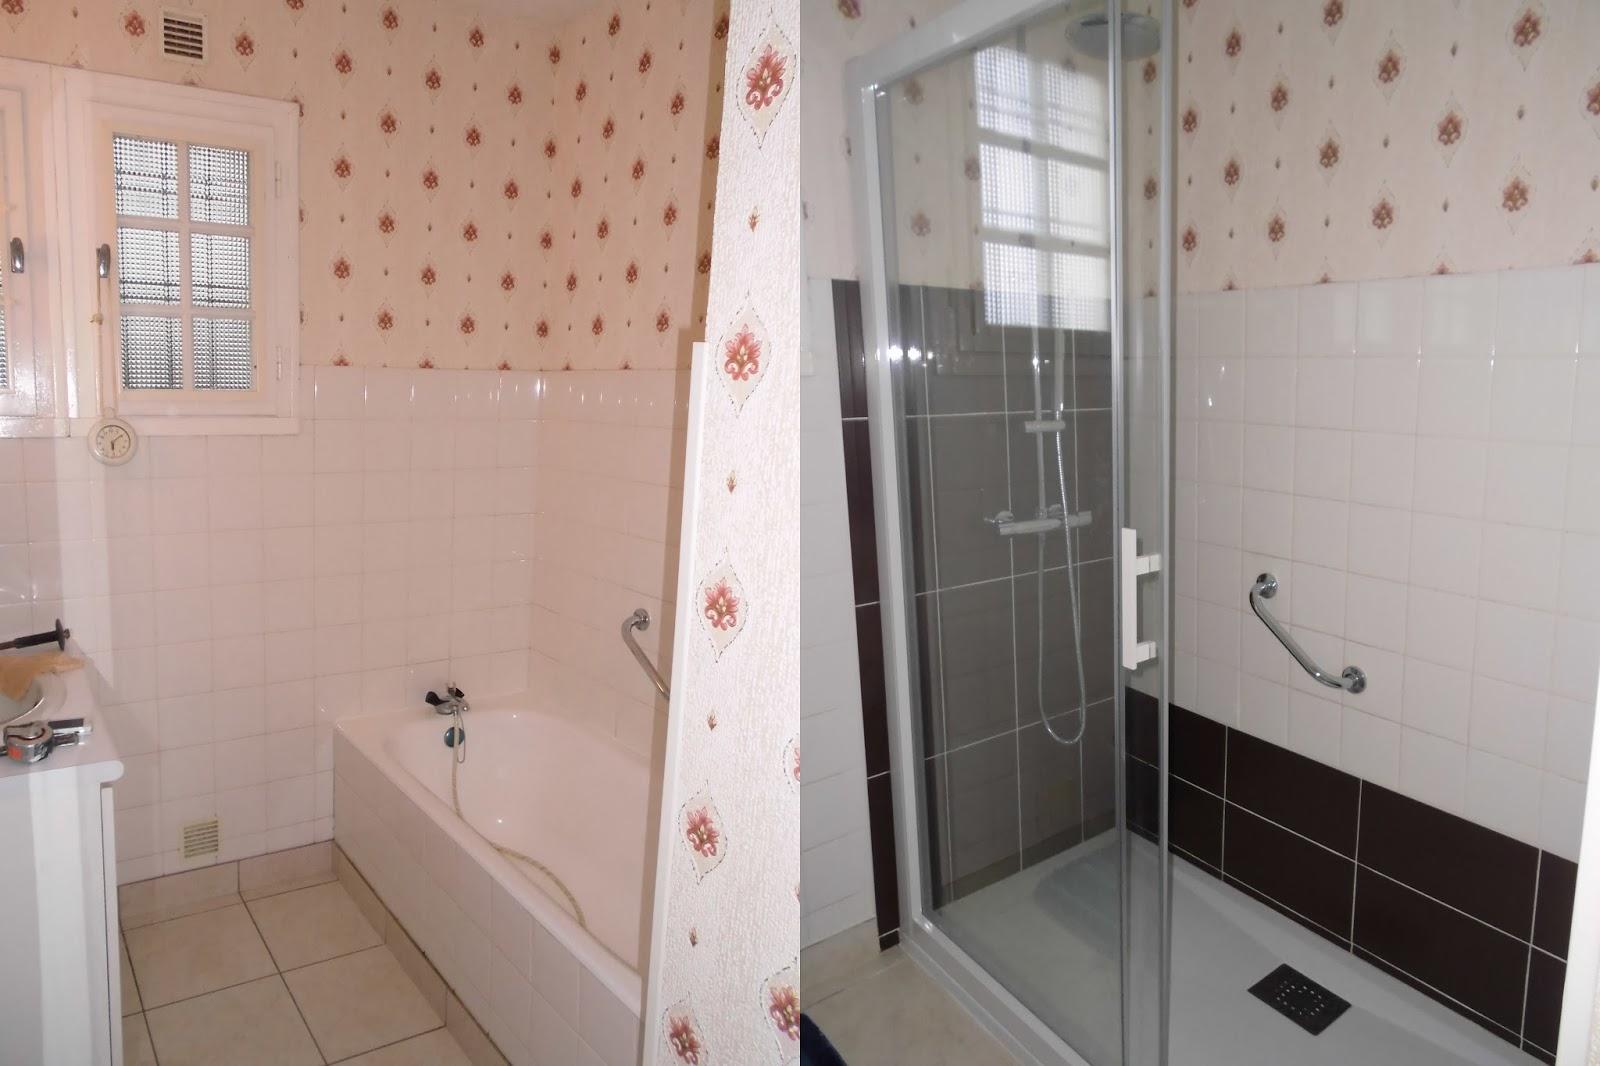 michel le coz agencement d coration avant apr s salle d 39 eau. Black Bedroom Furniture Sets. Home Design Ideas